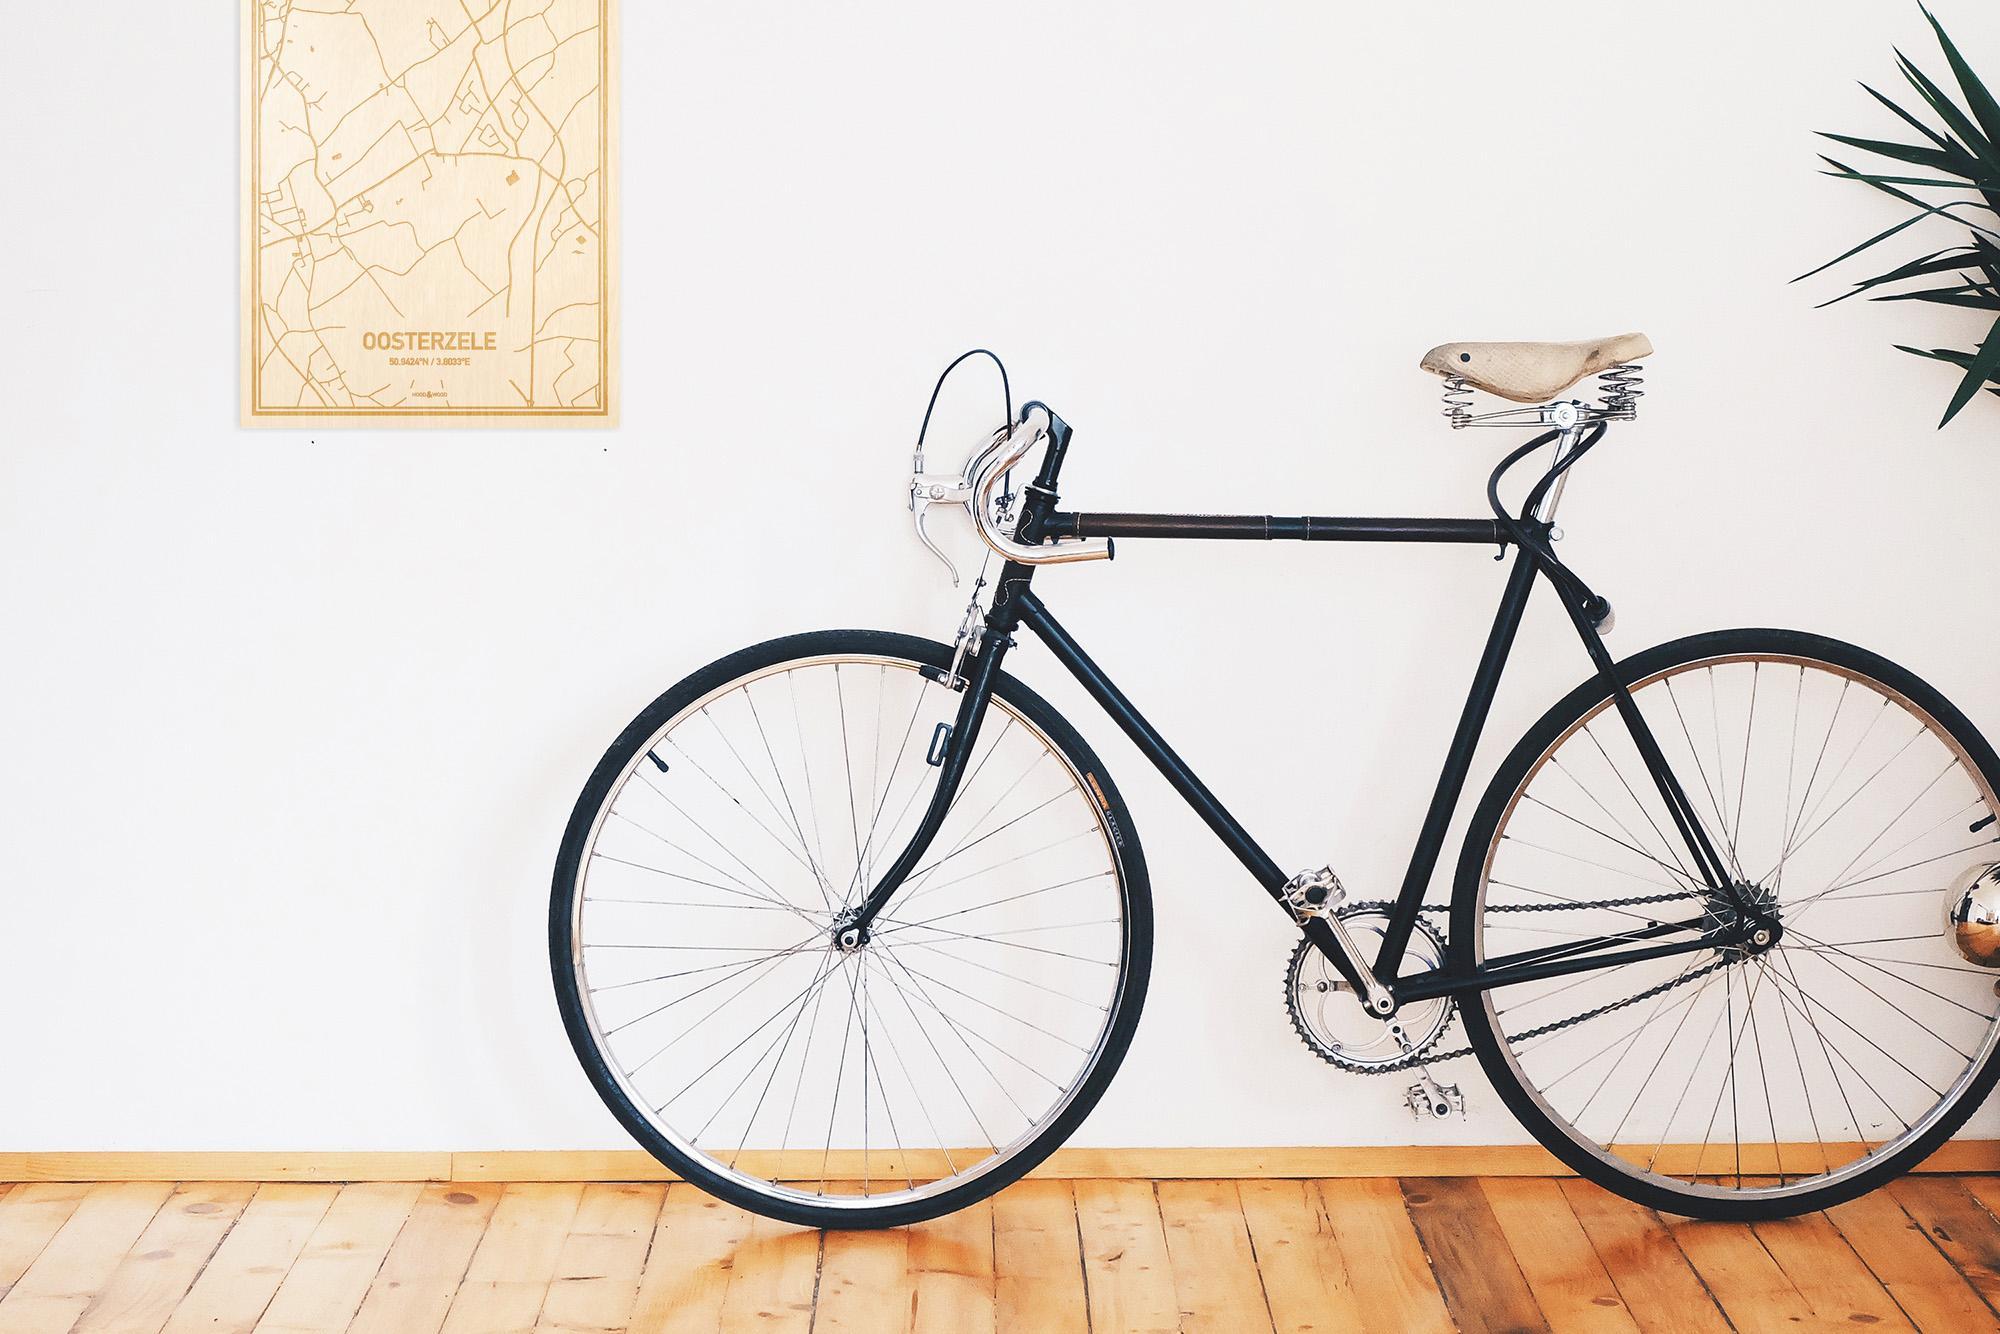 Een snelle fiets in een uniek interieur in Oost-Vlaanderen  met mooie decoratie zoals de plattegrond Oosterzele.